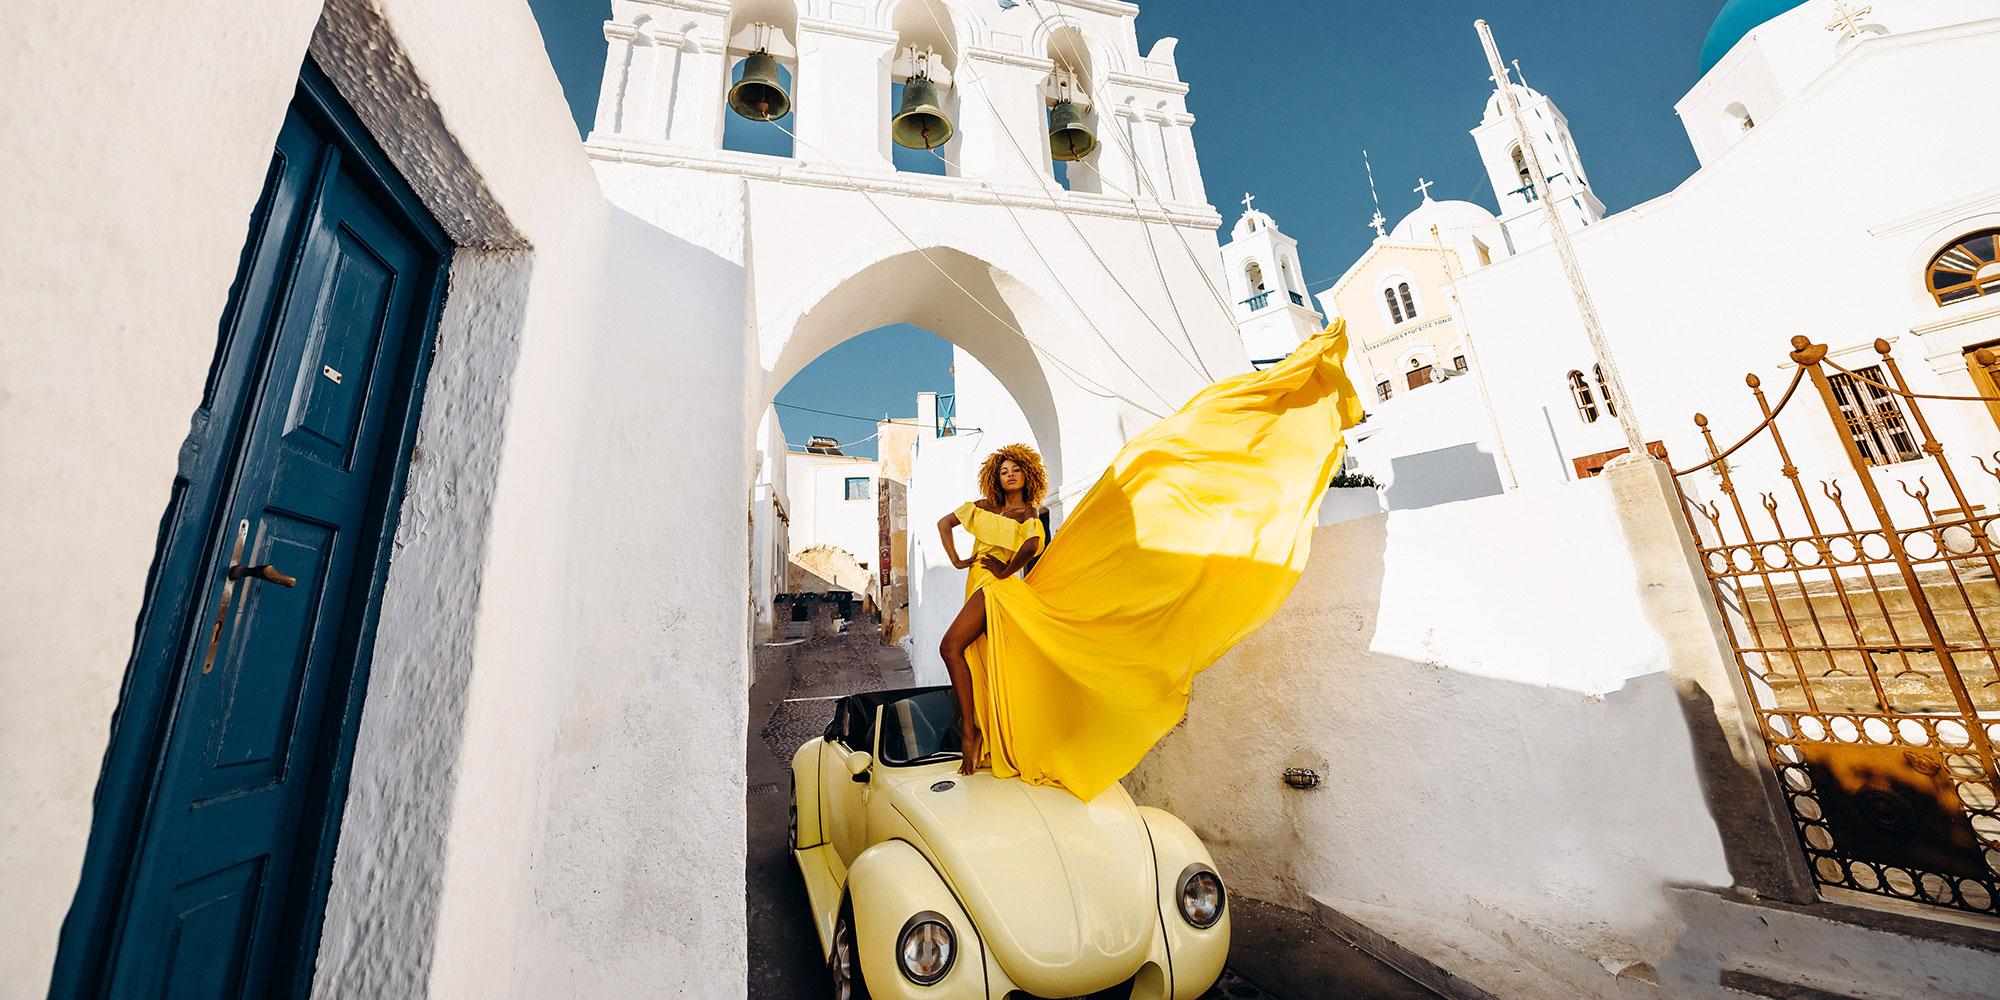 Прокат VW Beetle на Санторини